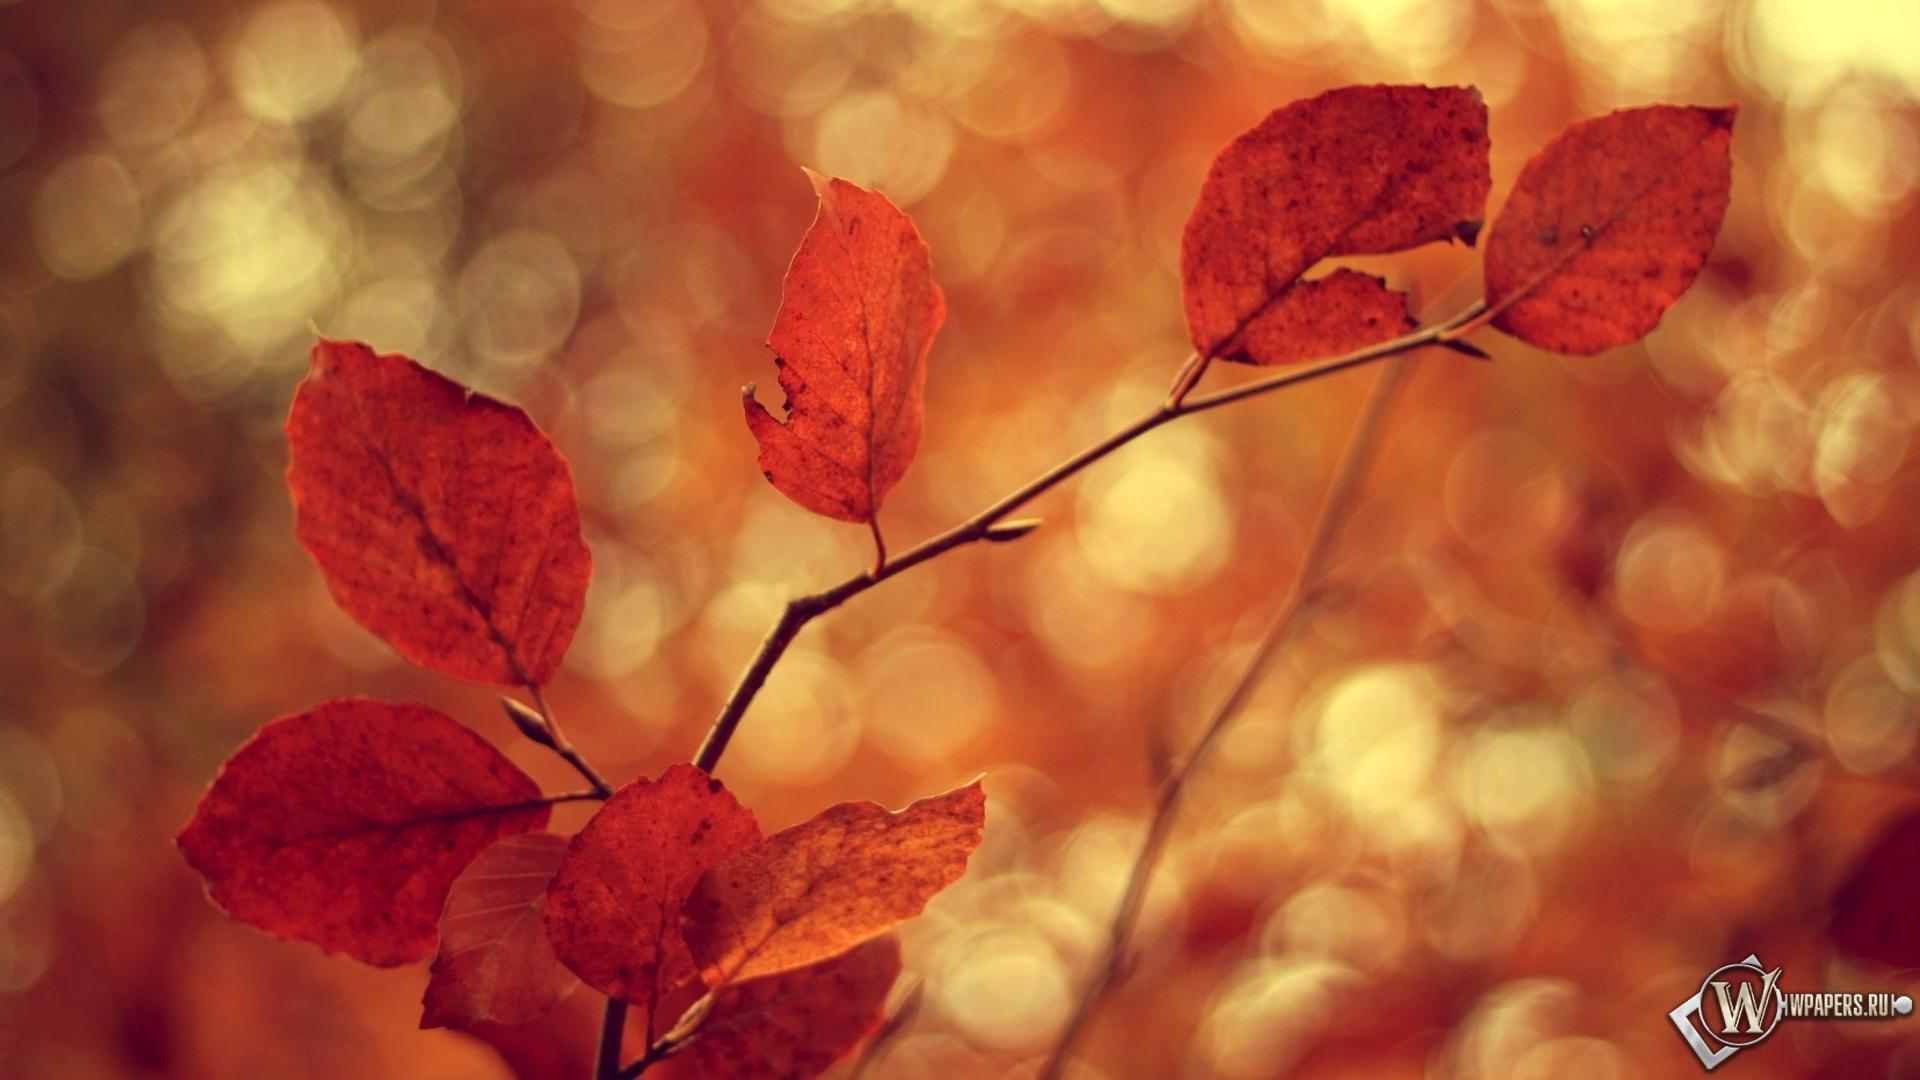 Осеннее настроение 1920x1080